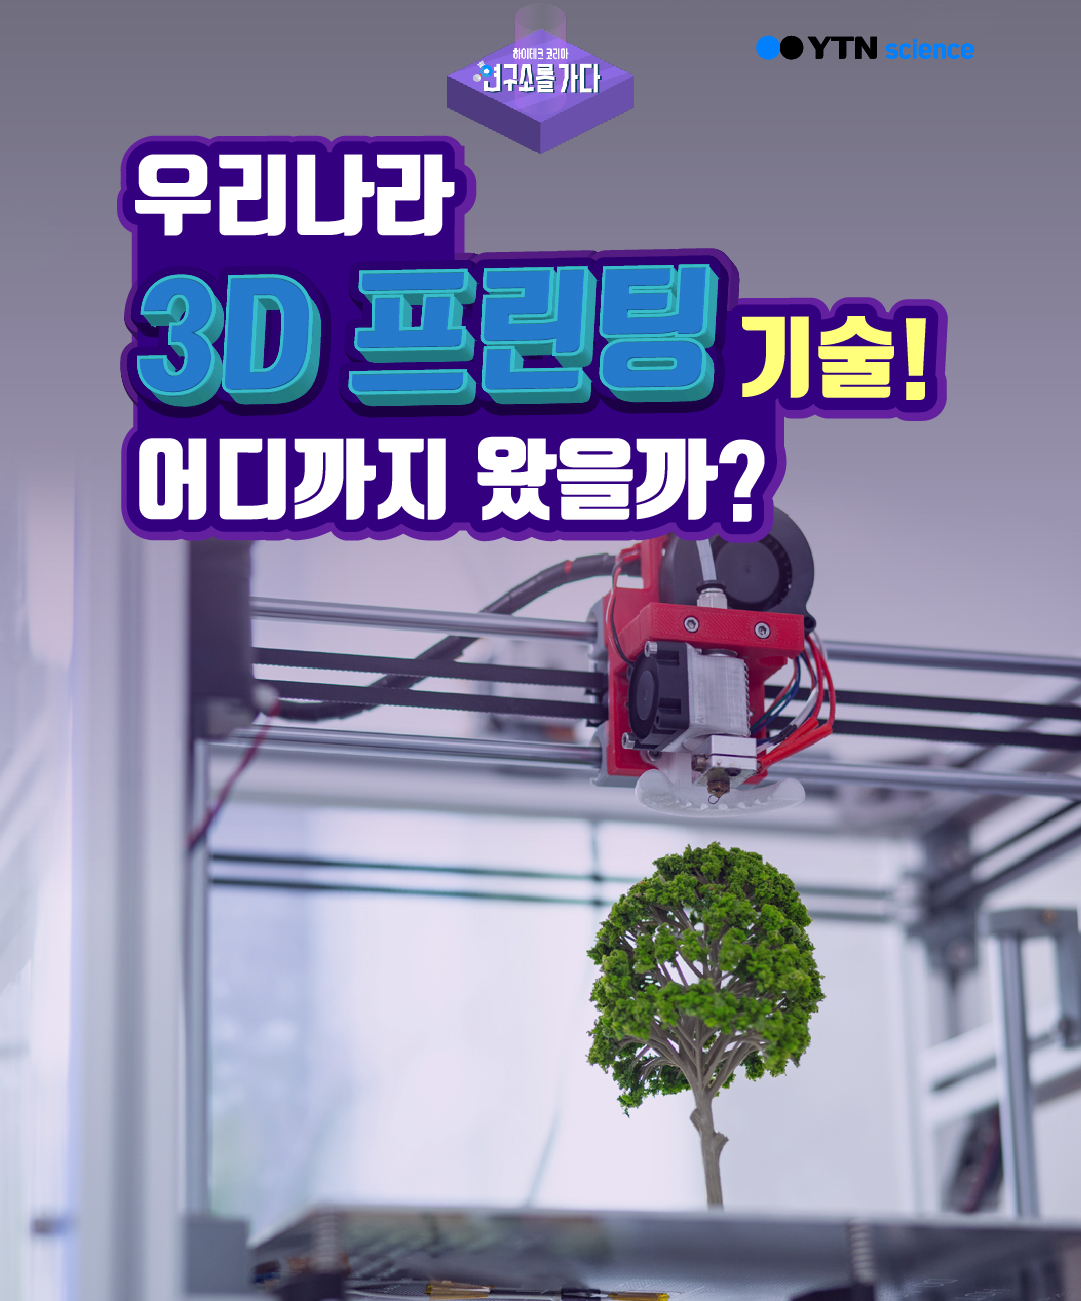 우리나라 3D 프린팅 기술! 어디까지 왔을까? 이미지